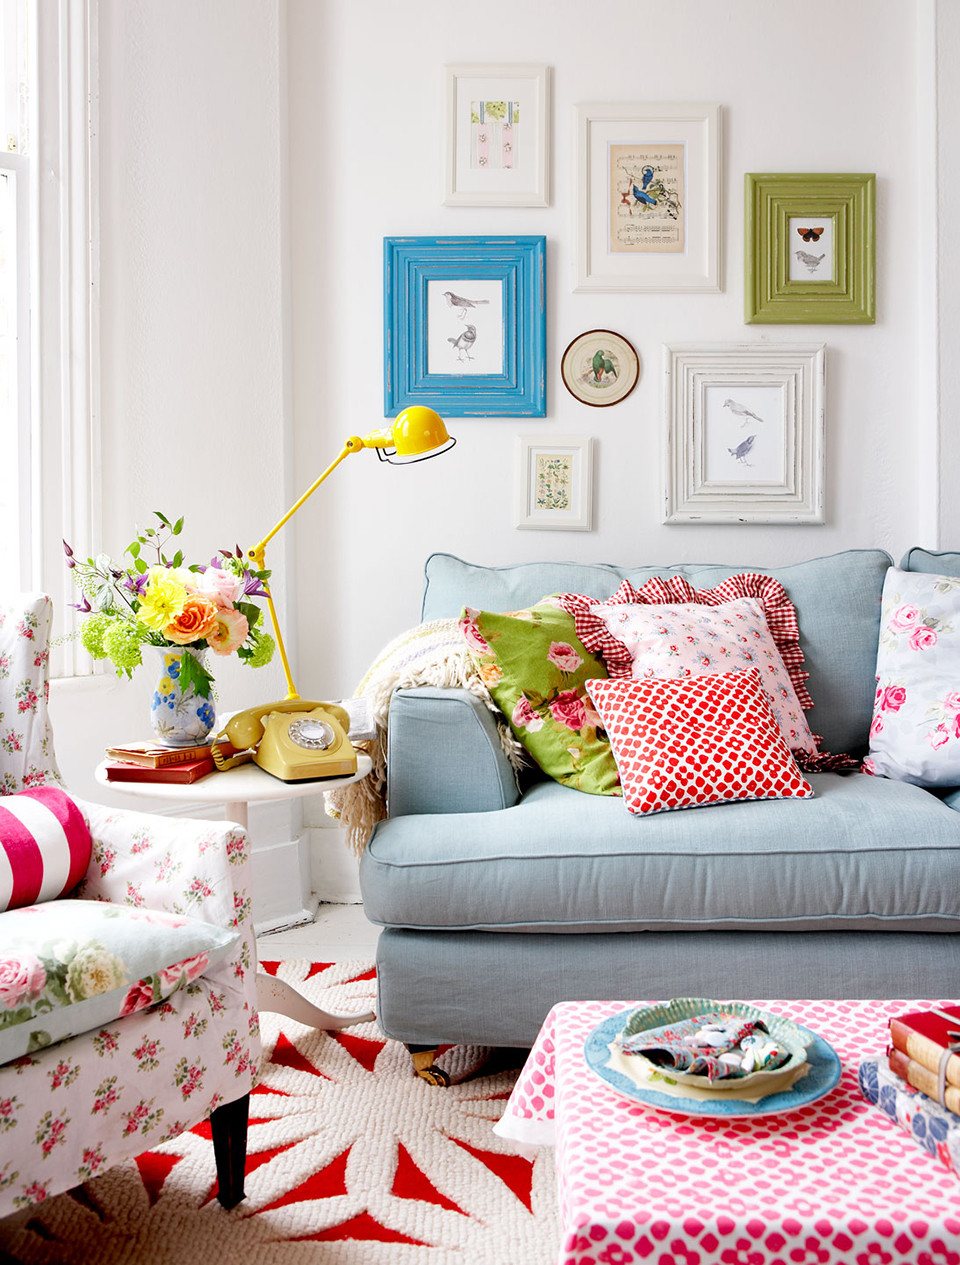 cores-verao-moveis-paredes-casa-decoracao-2